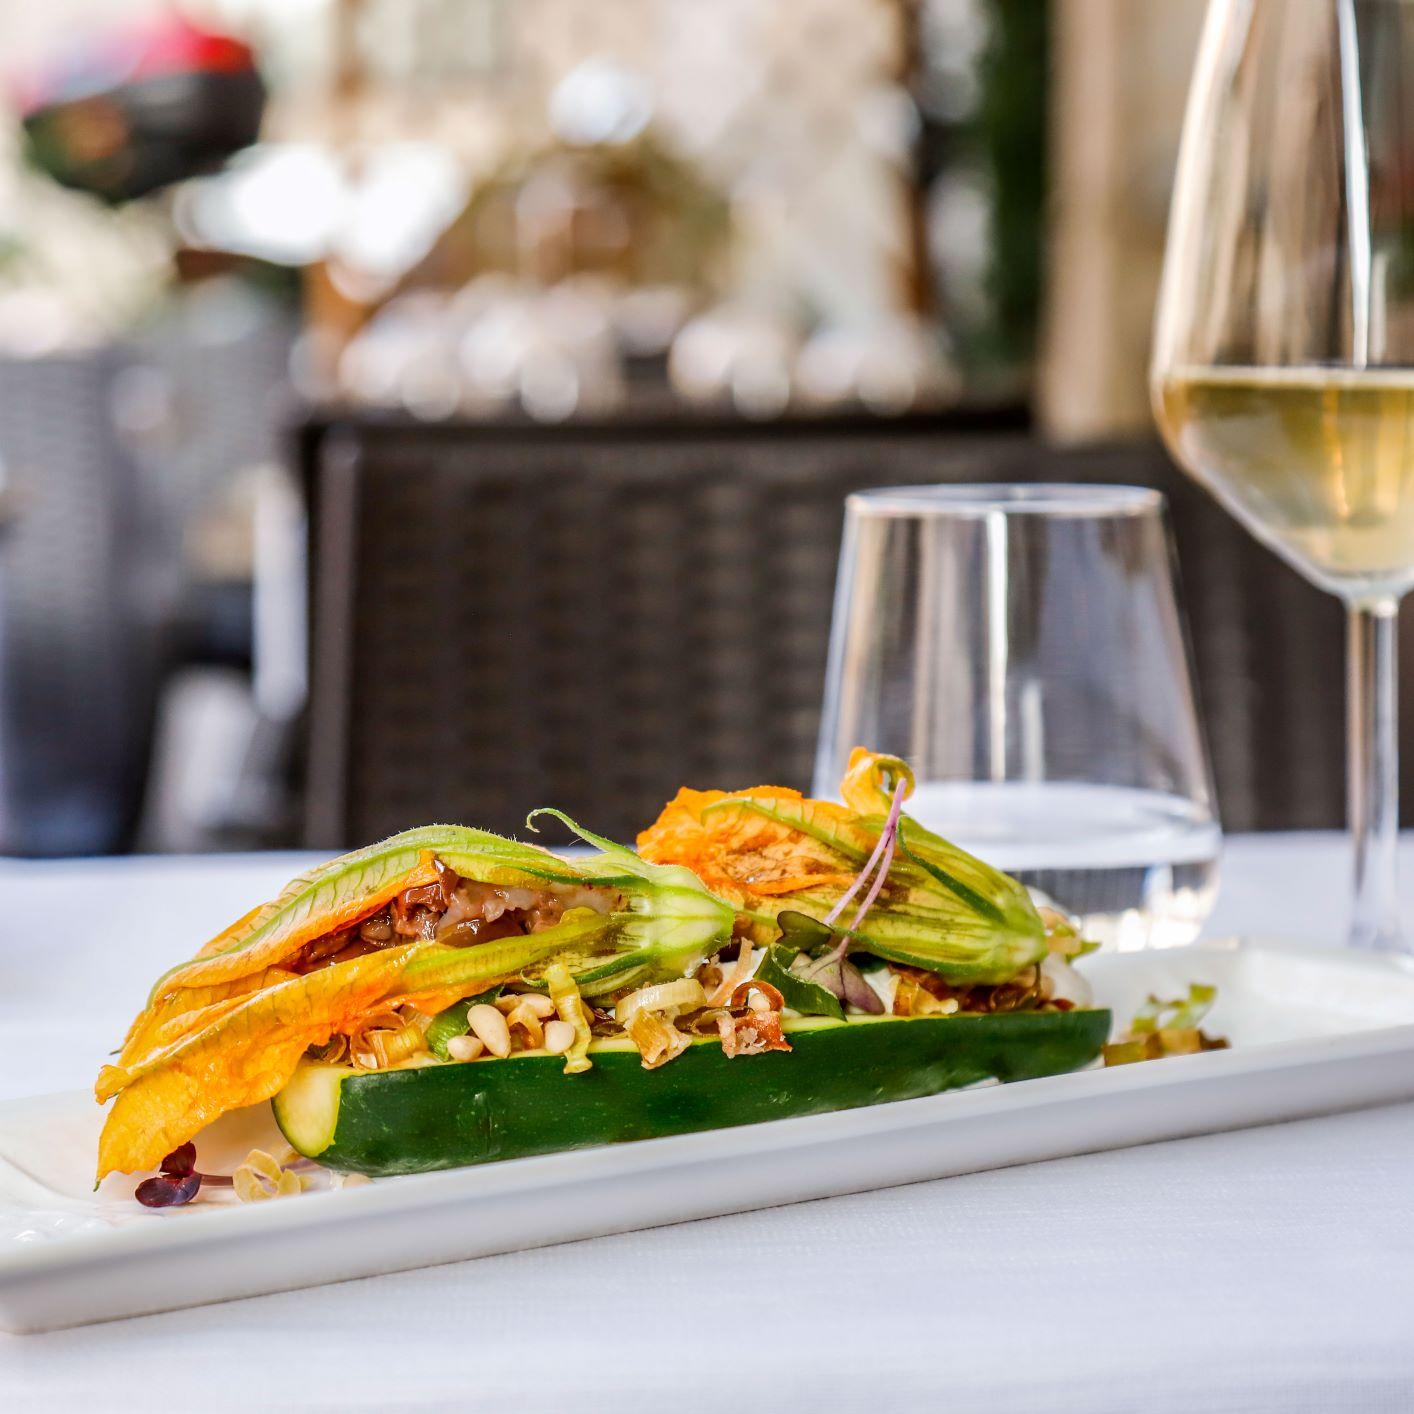 Come si mangia al ristorante All'Origine: gambero nascosto